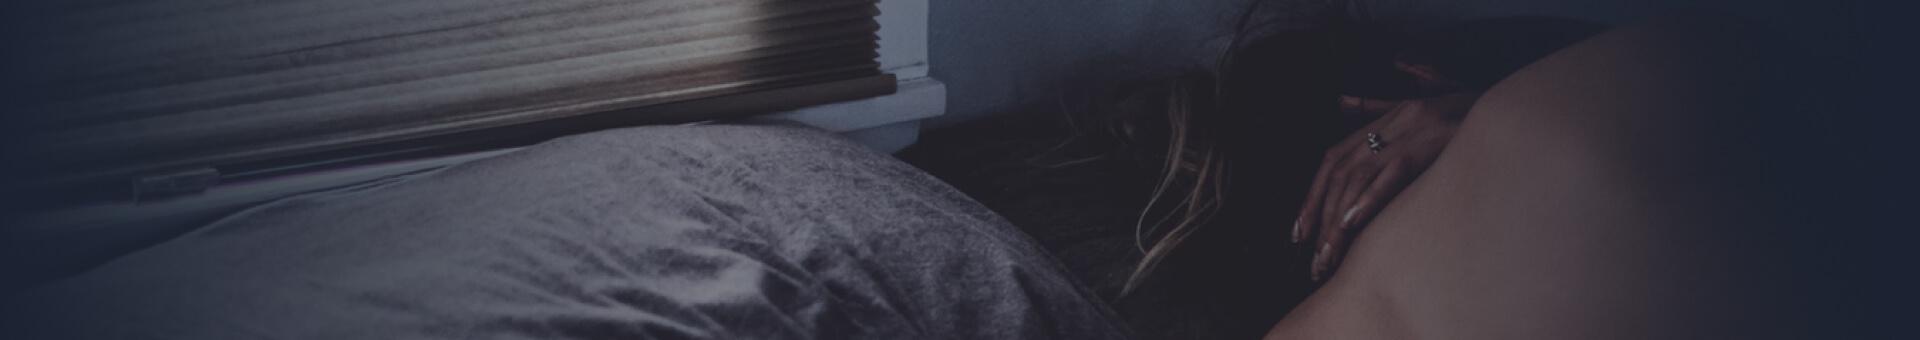 Sleep in blackout room